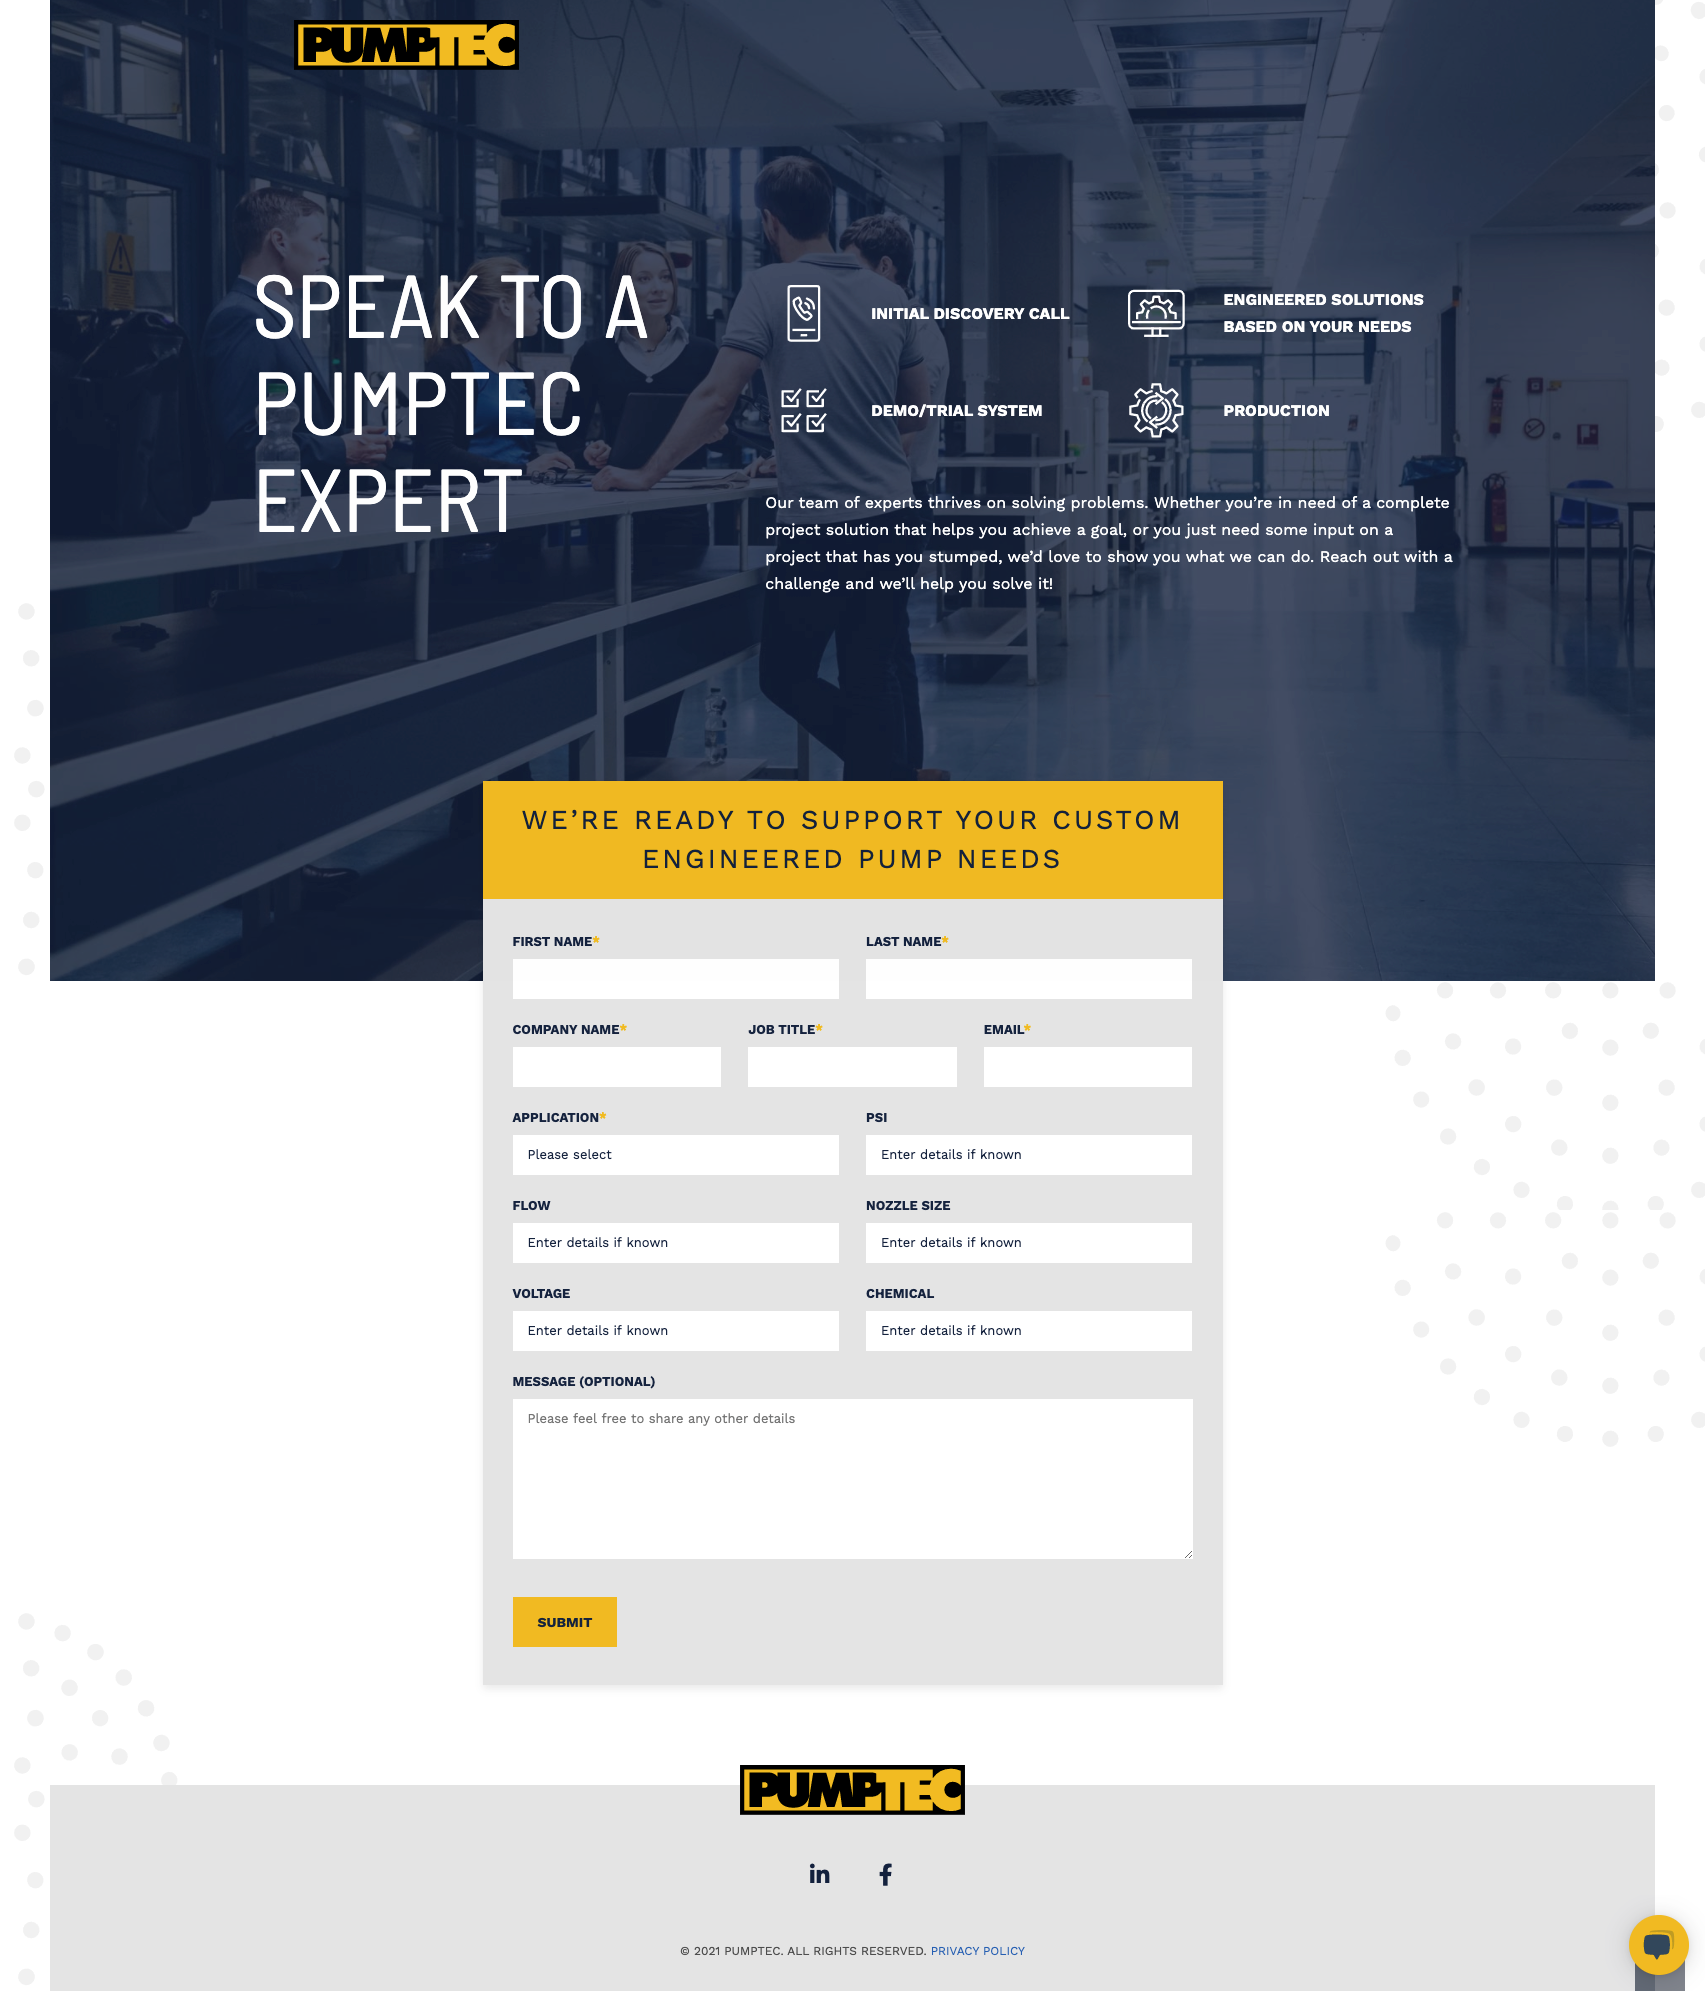 screencapture-pumptec-contact-pump-expert-2021-02-25-15_48_12